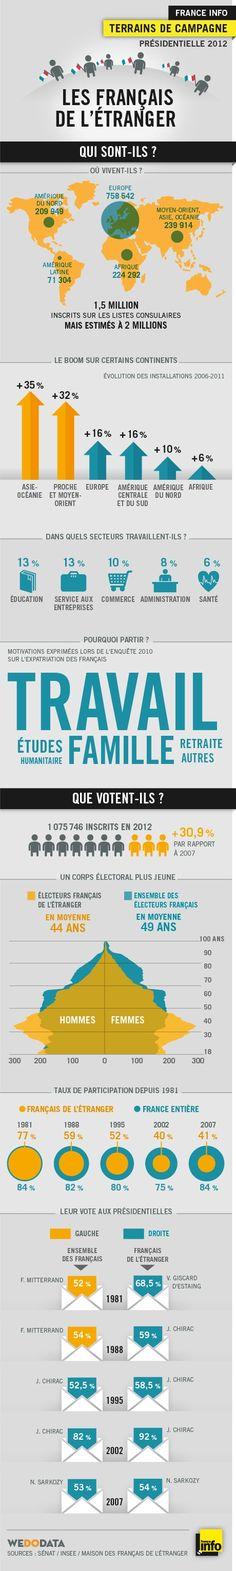 Les Français de l'étranger : un vote stratégique pour la présidentielle